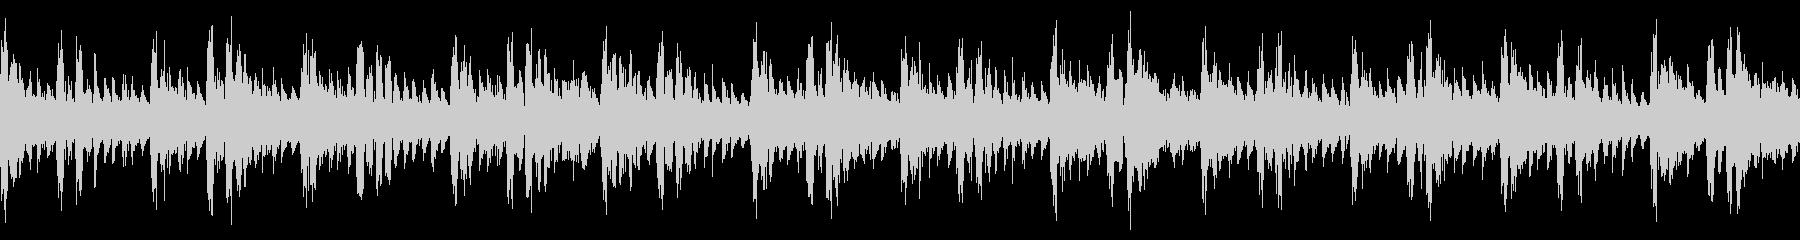 シンセサイザーと8ビットサウンドを...の未再生の波形